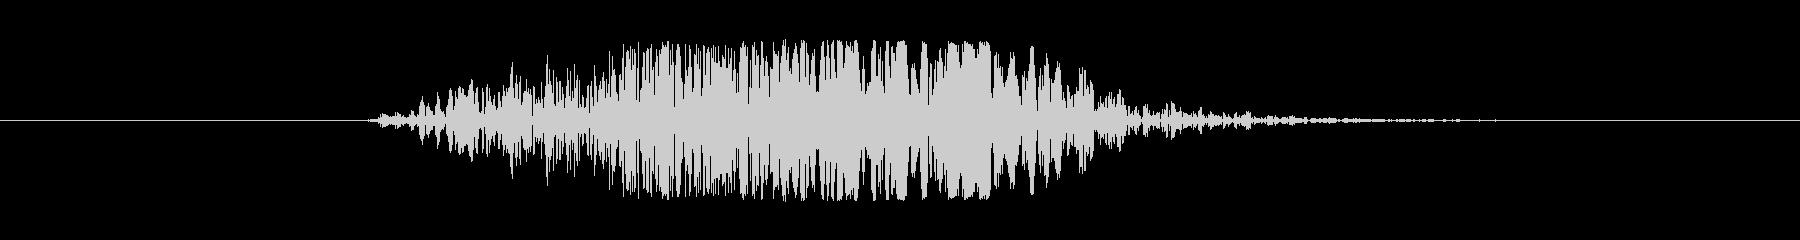 システムSE(キャンセル音)の未再生の波形